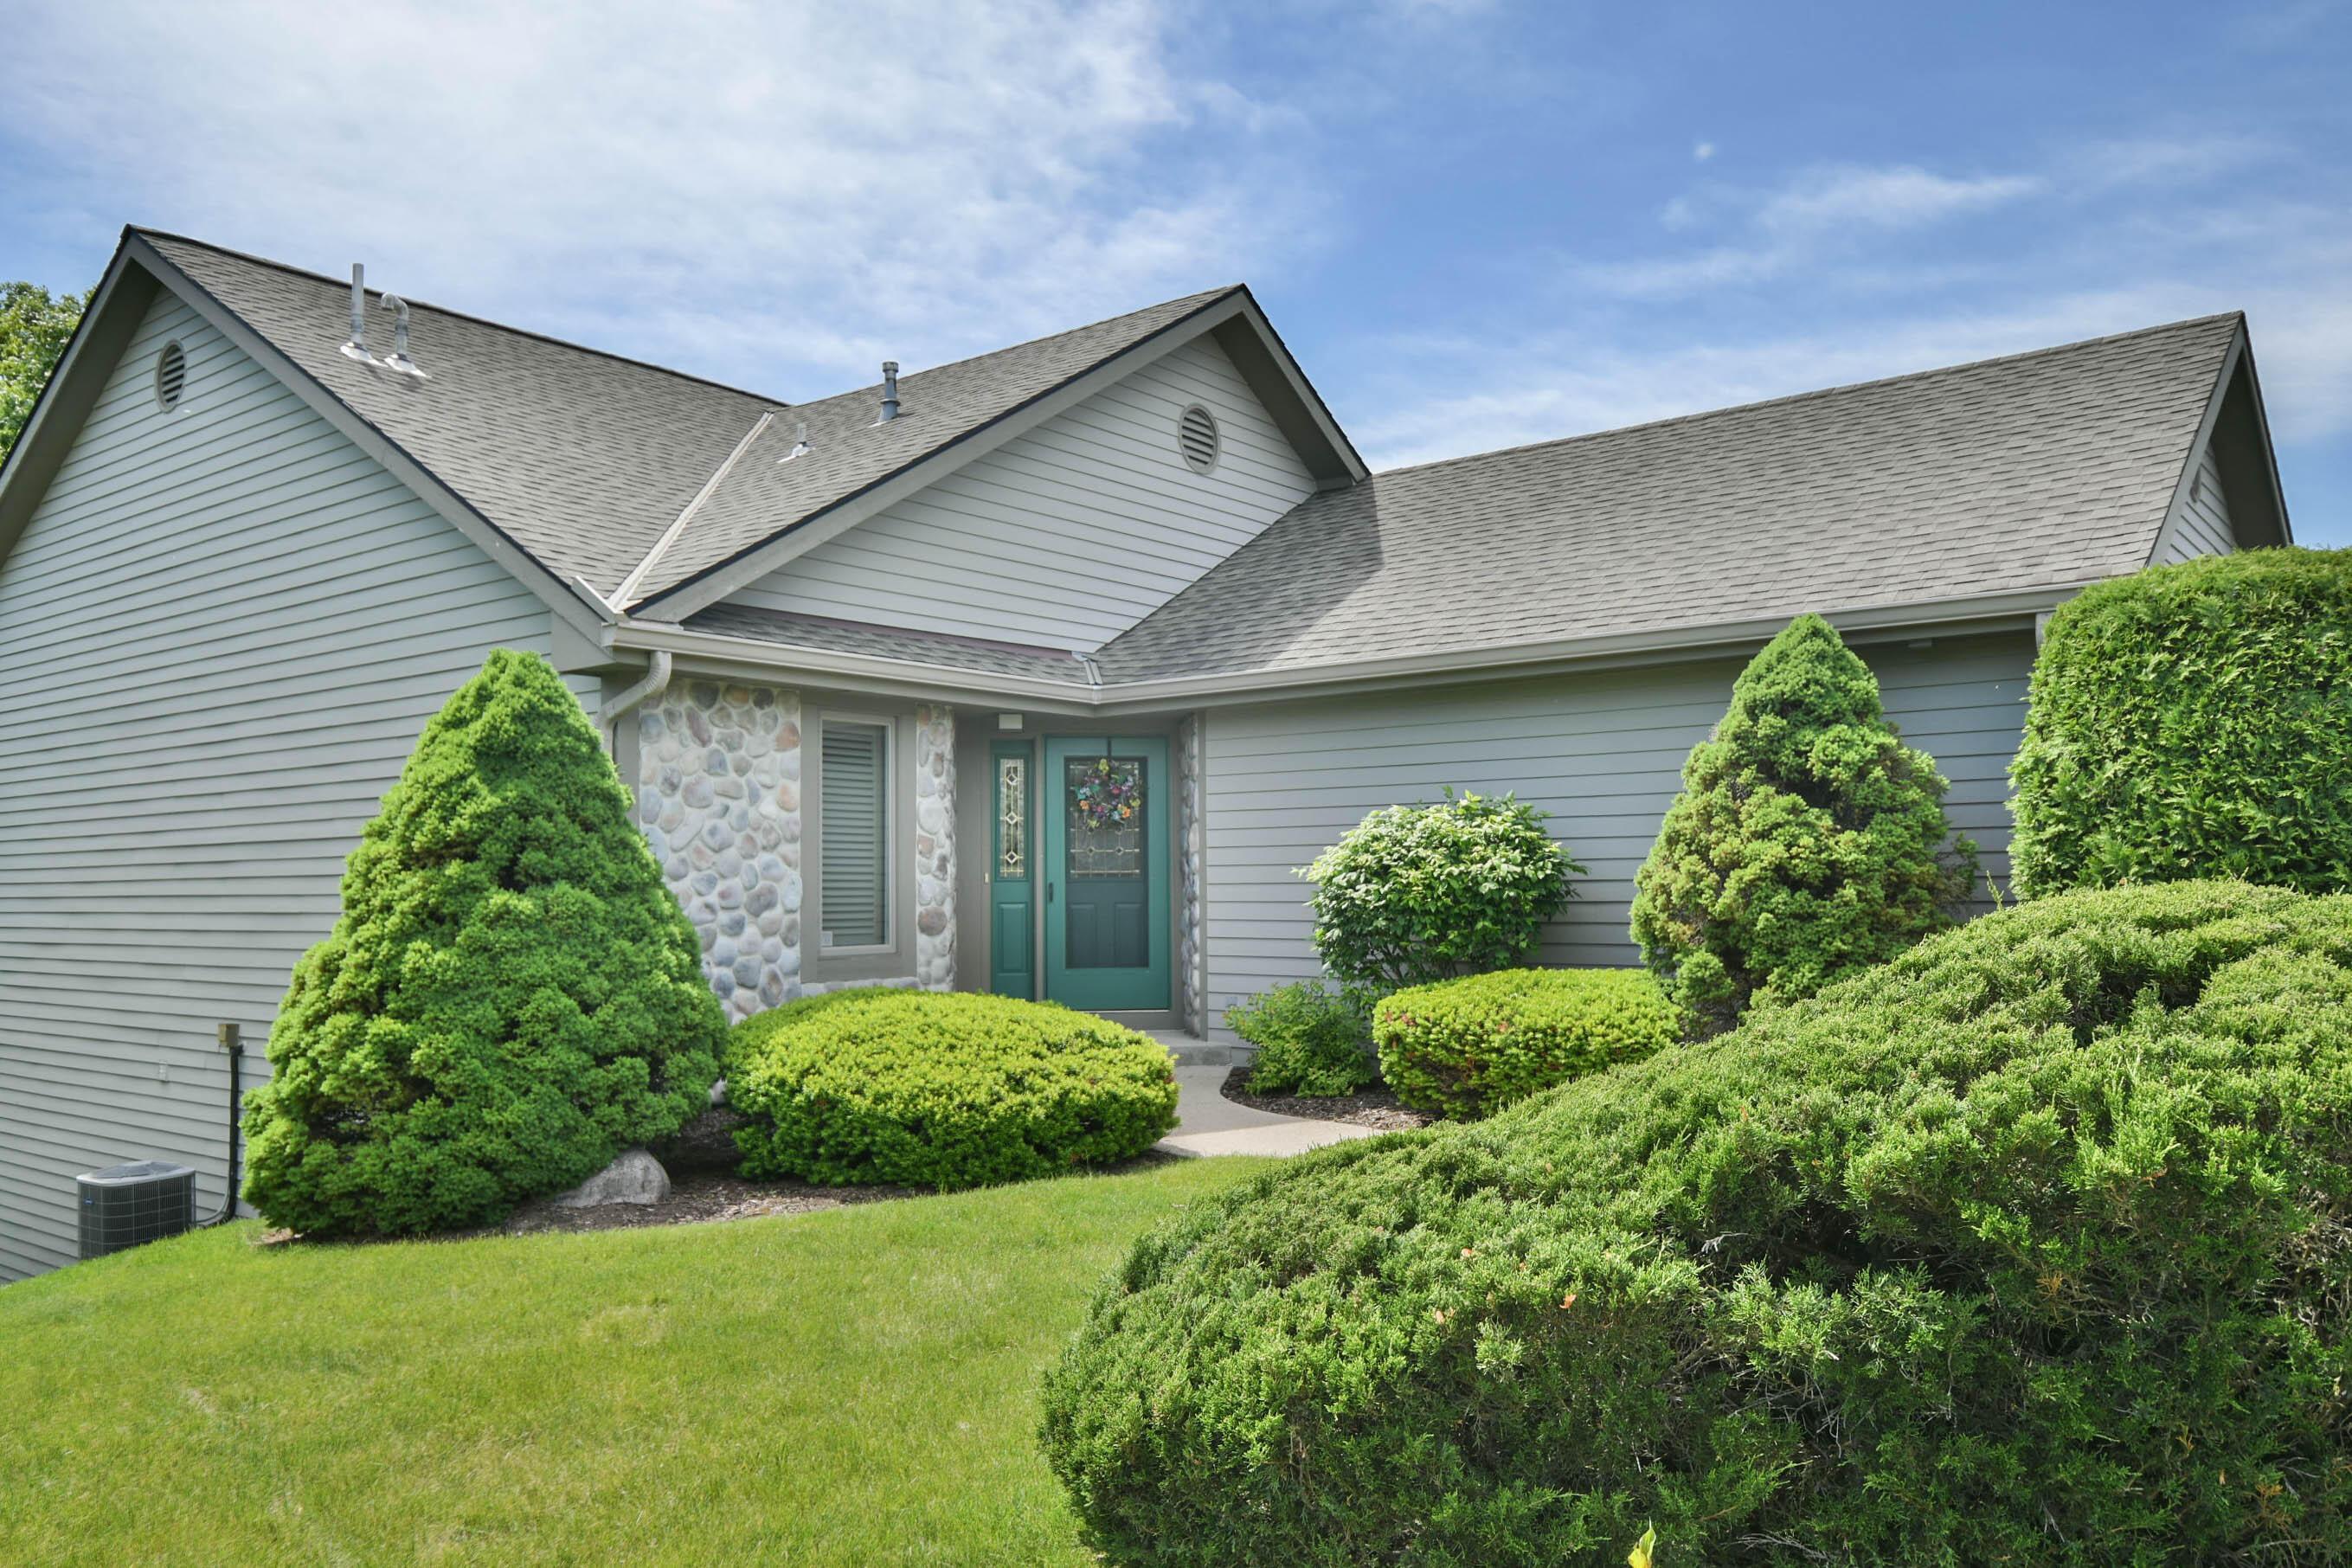 510 Oak Ridge Dr, Hartland, Wisconsin 53029, 3 Bedrooms Bedrooms, ,2 BathroomsBathrooms,Condominiums,For Sale,Oak Ridge Dr,1,1743579